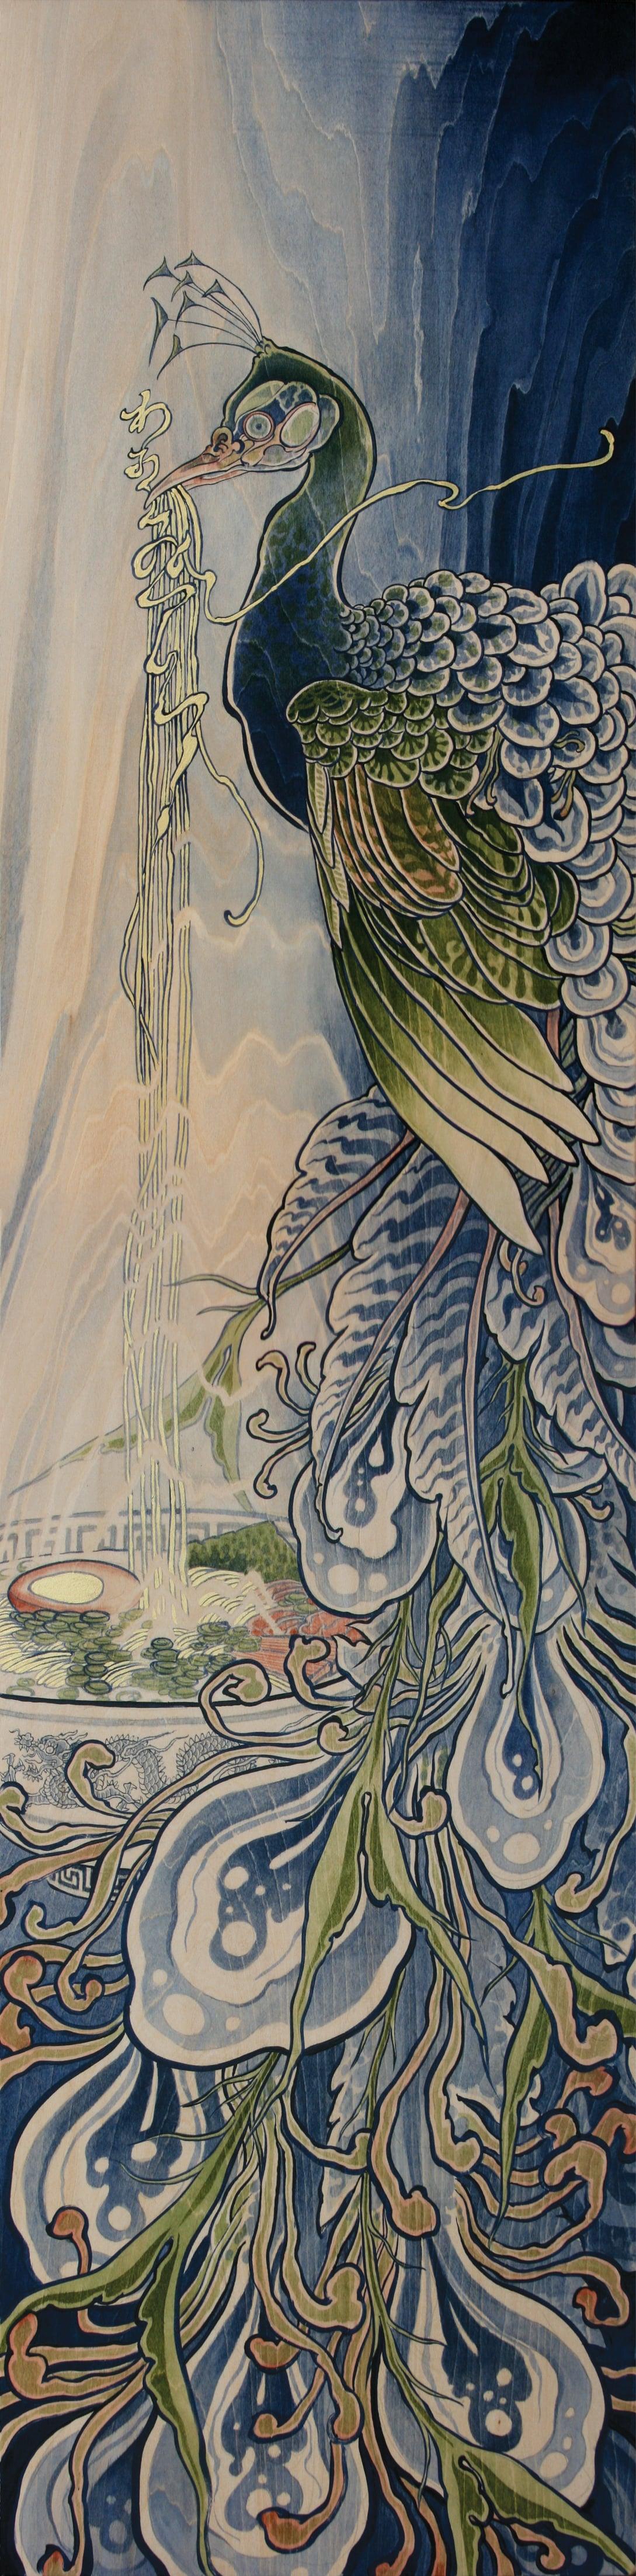 Wa, Oishii desu!  2011 - acrylic on wood. 5' x 2'.